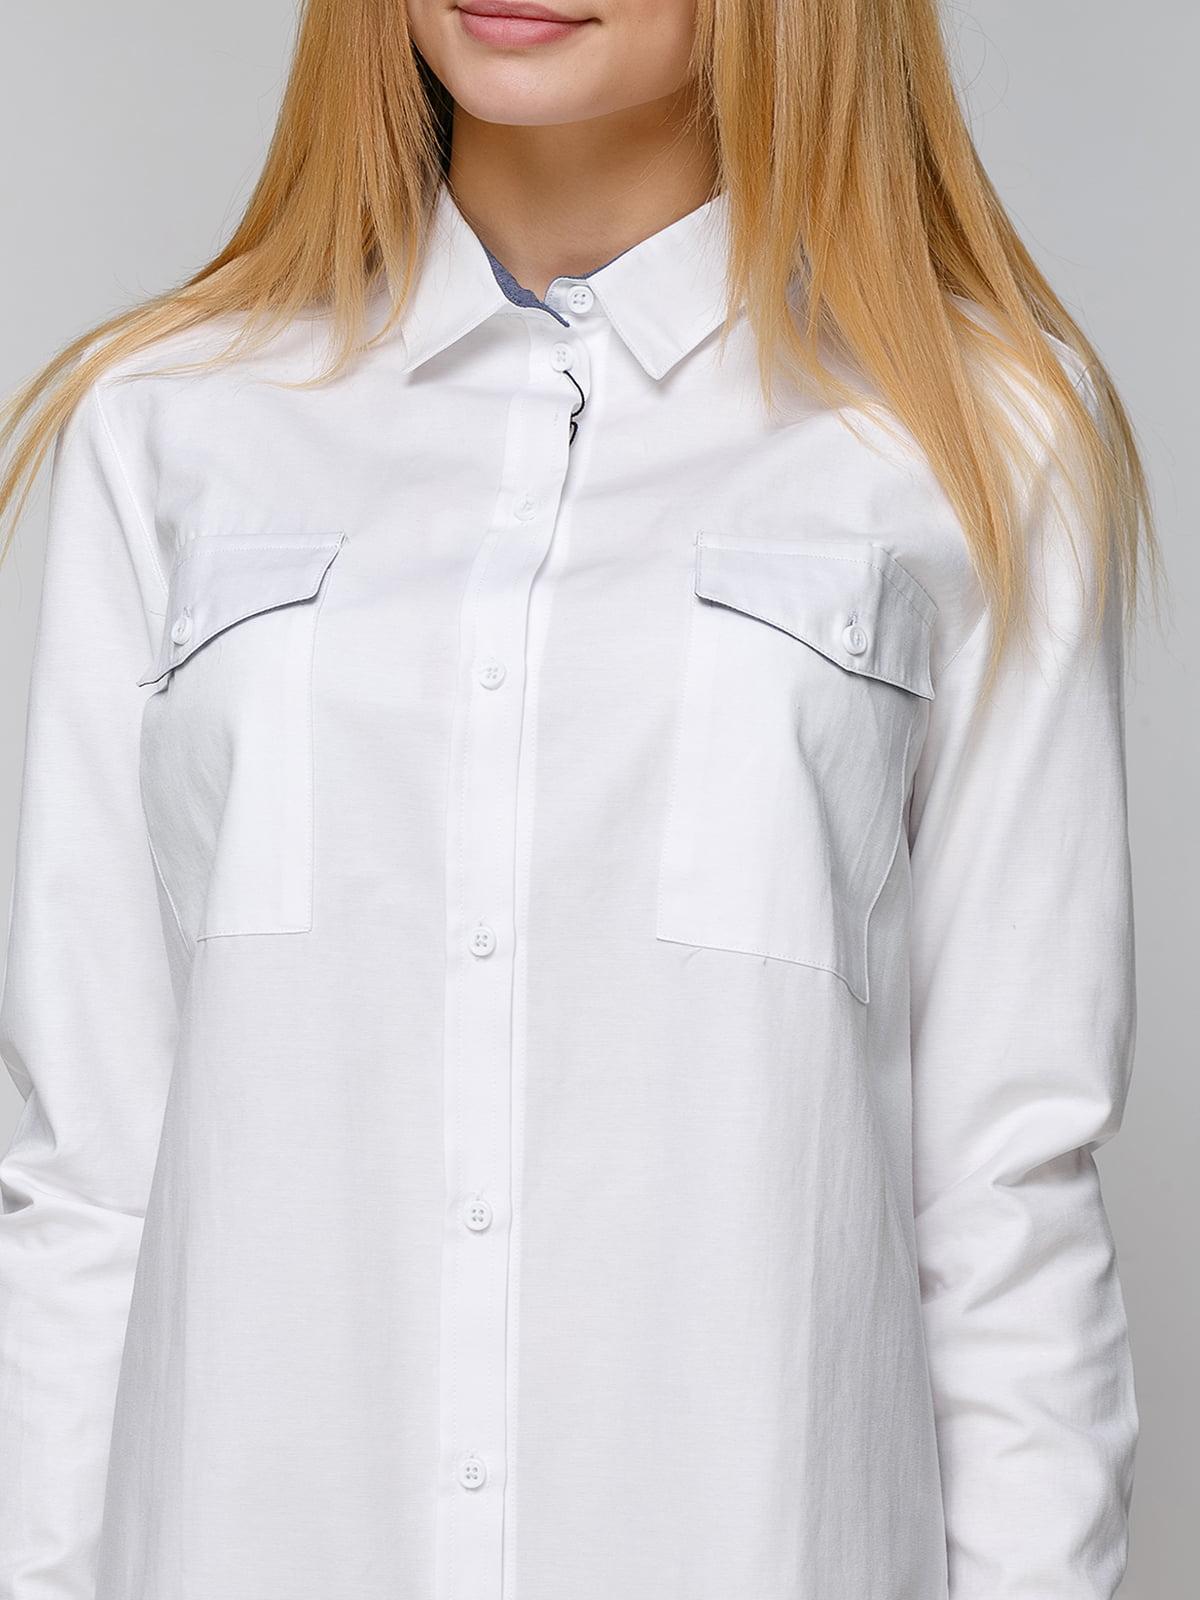 Платье белое | 4959223 | фото 3